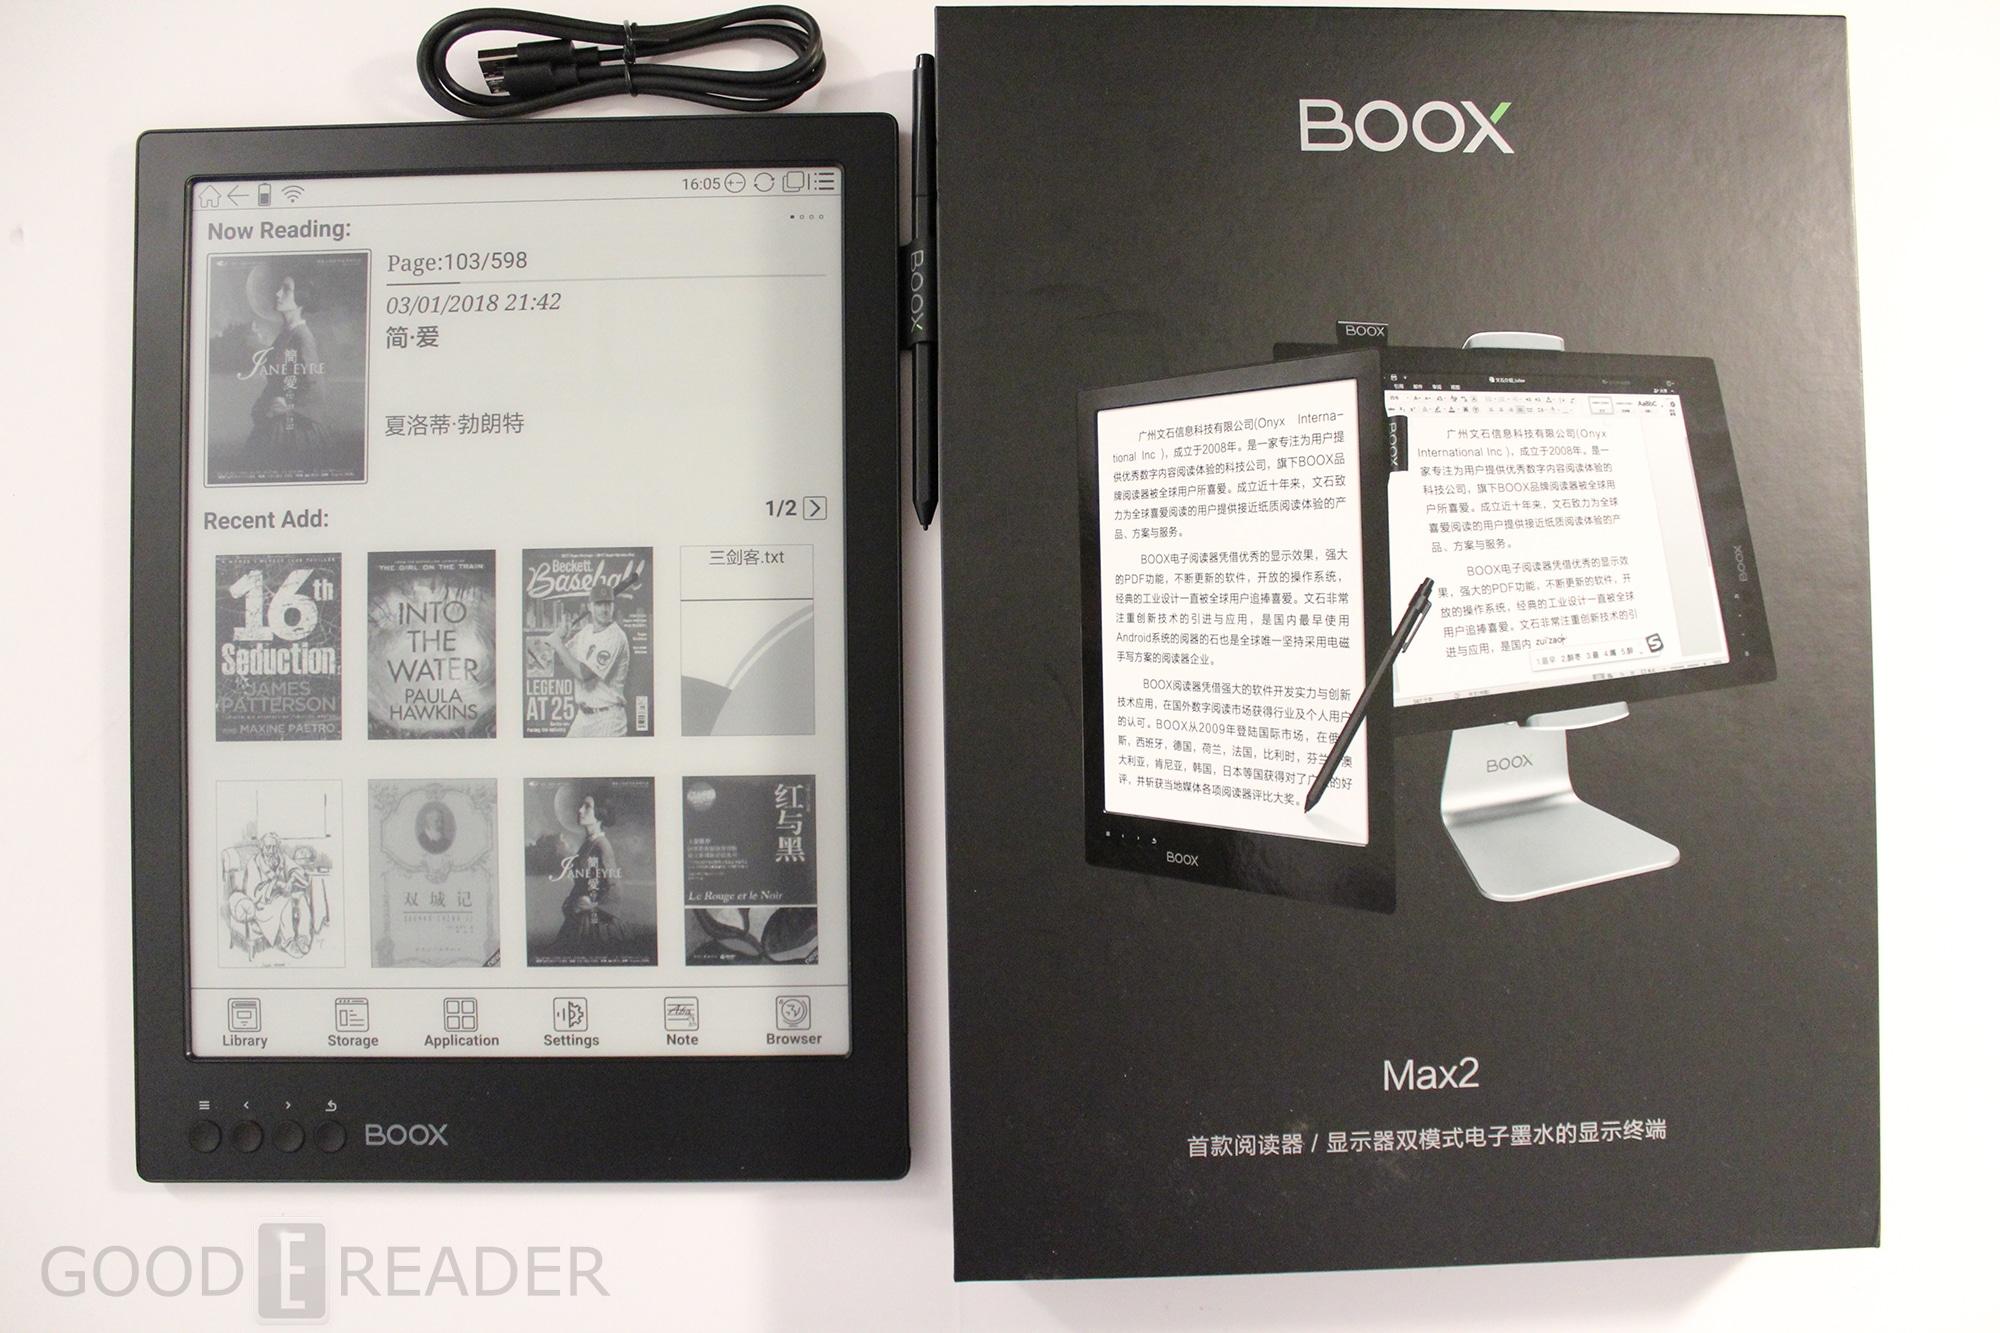 ebook reader program reddit